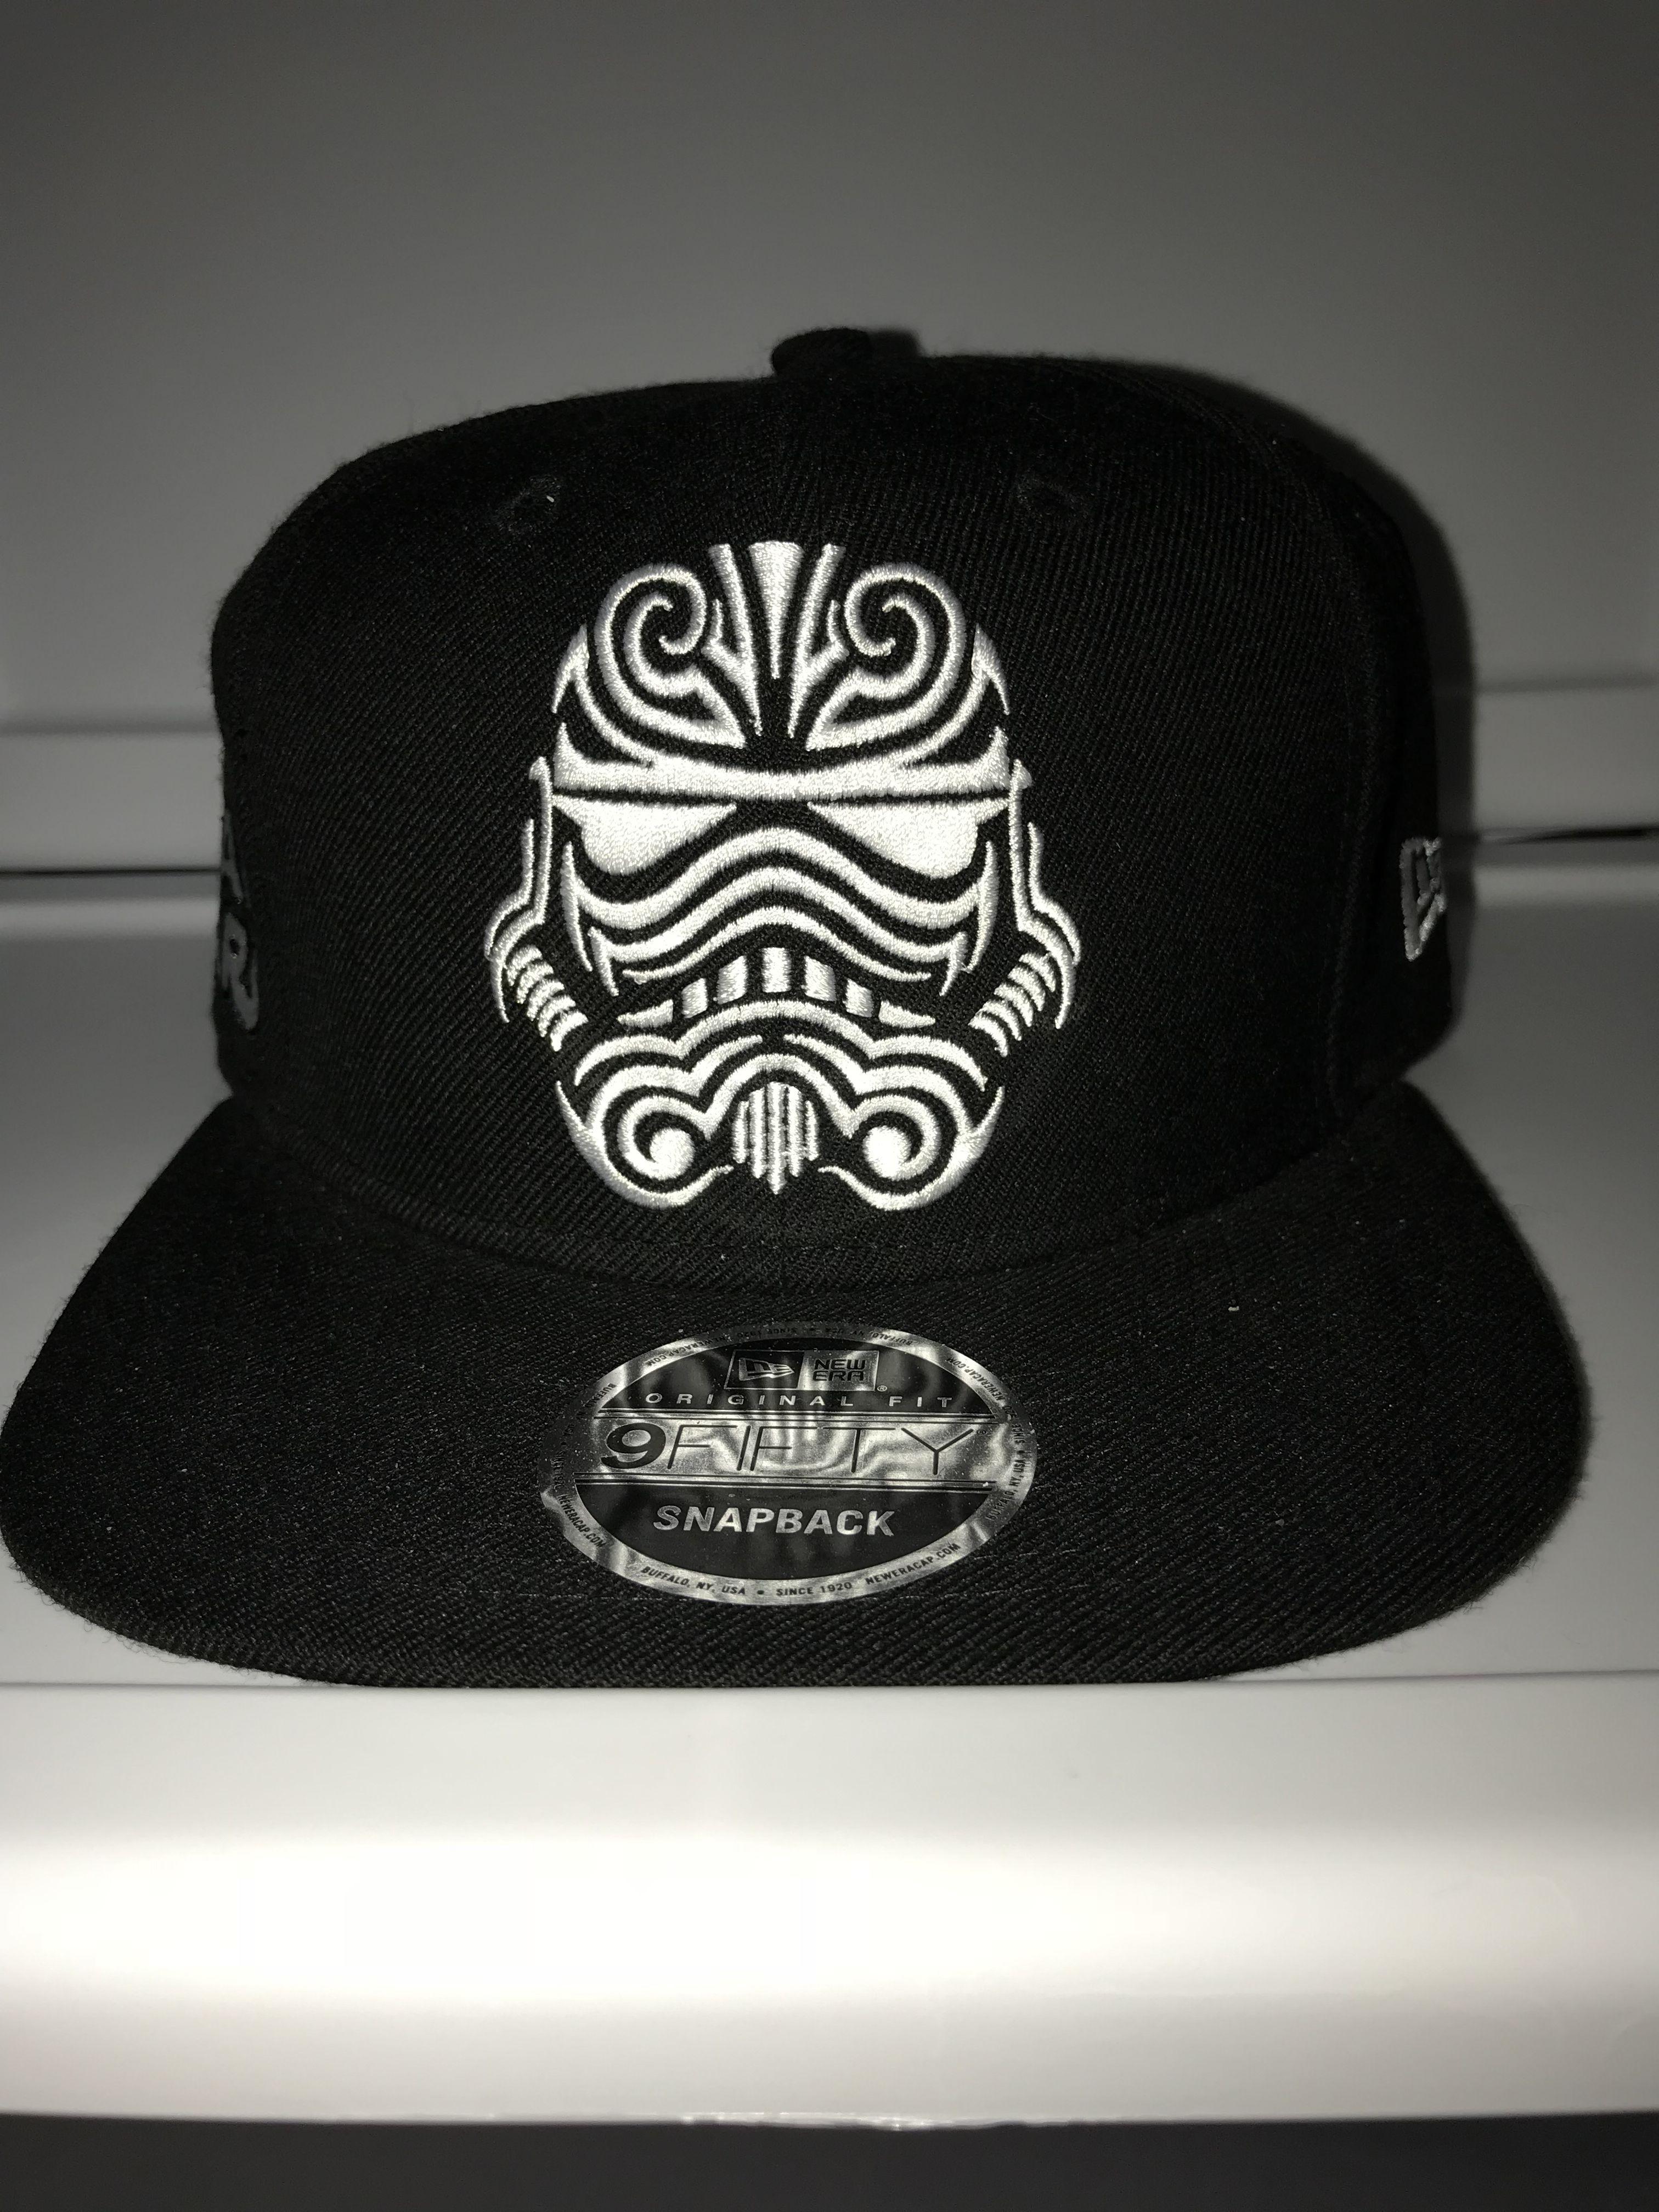 43c0fa7a53fb8 New Era Star Wars tribal Stormtrooper snapback 9FIFTY